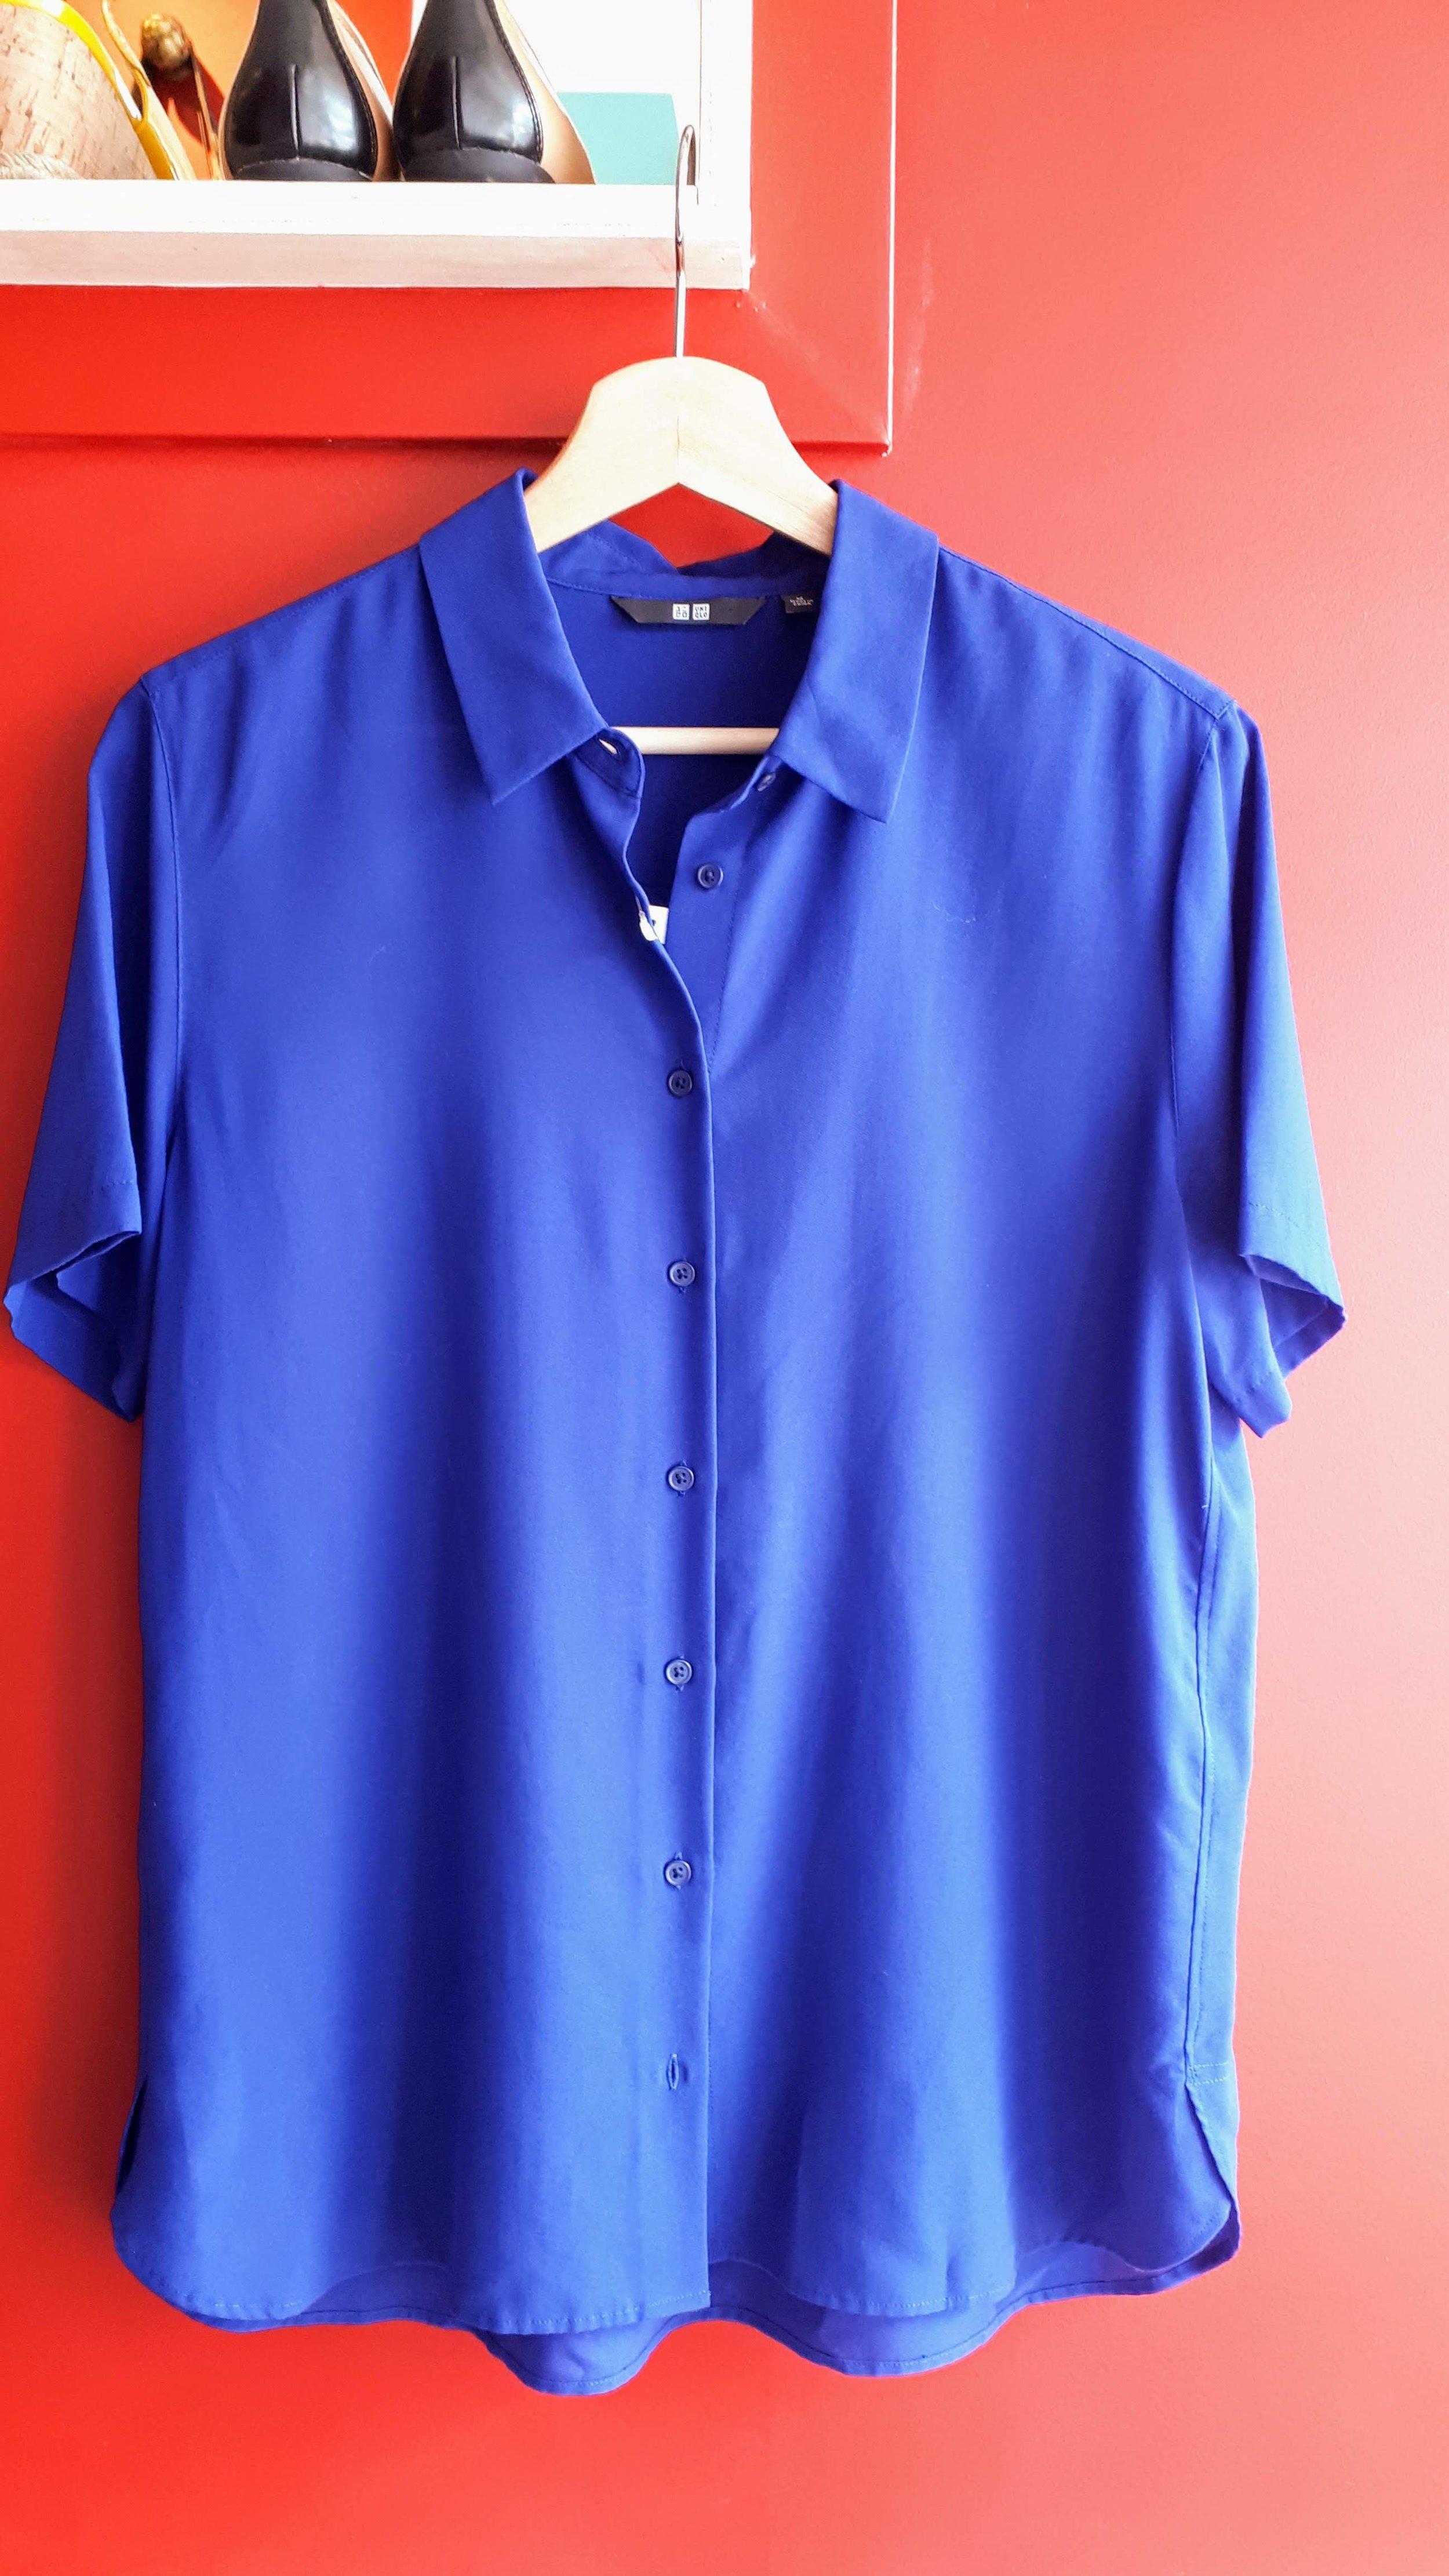 Uniqlo top (NWT); Size M, $22